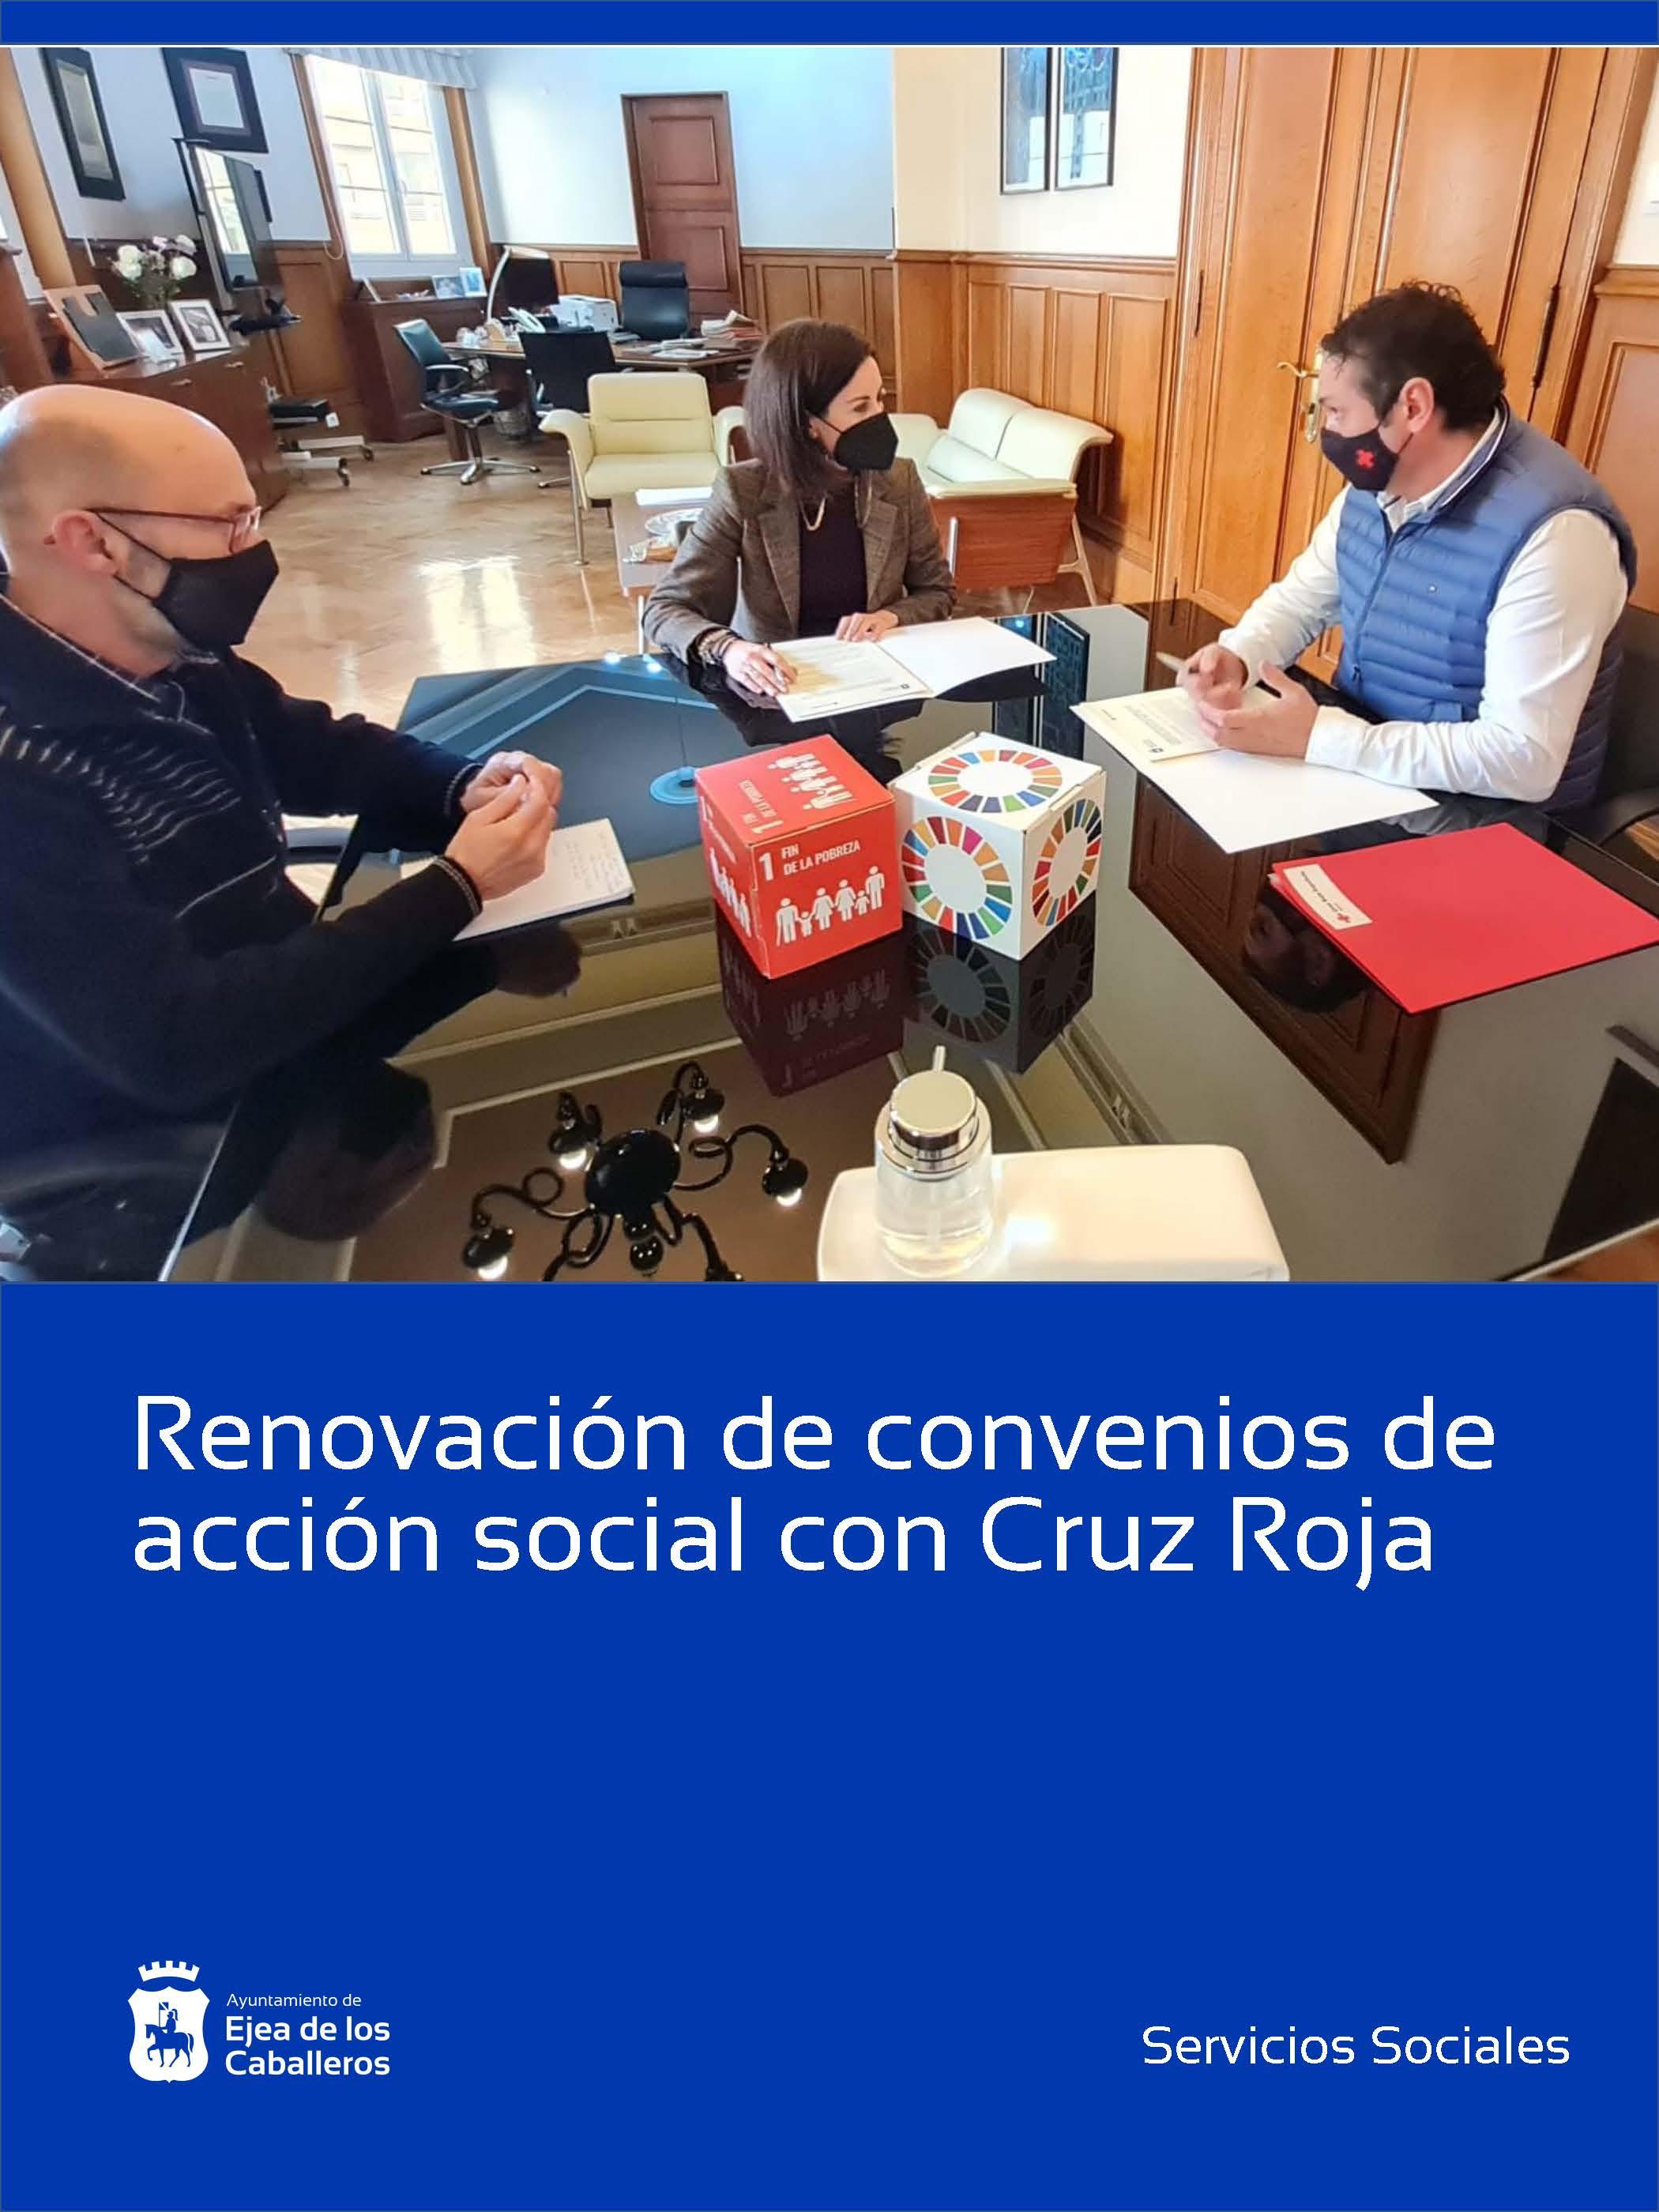 Cruz Roja y Ayuntamiento de Ejea de los Caballeros suscriben convenios en materia de acción social